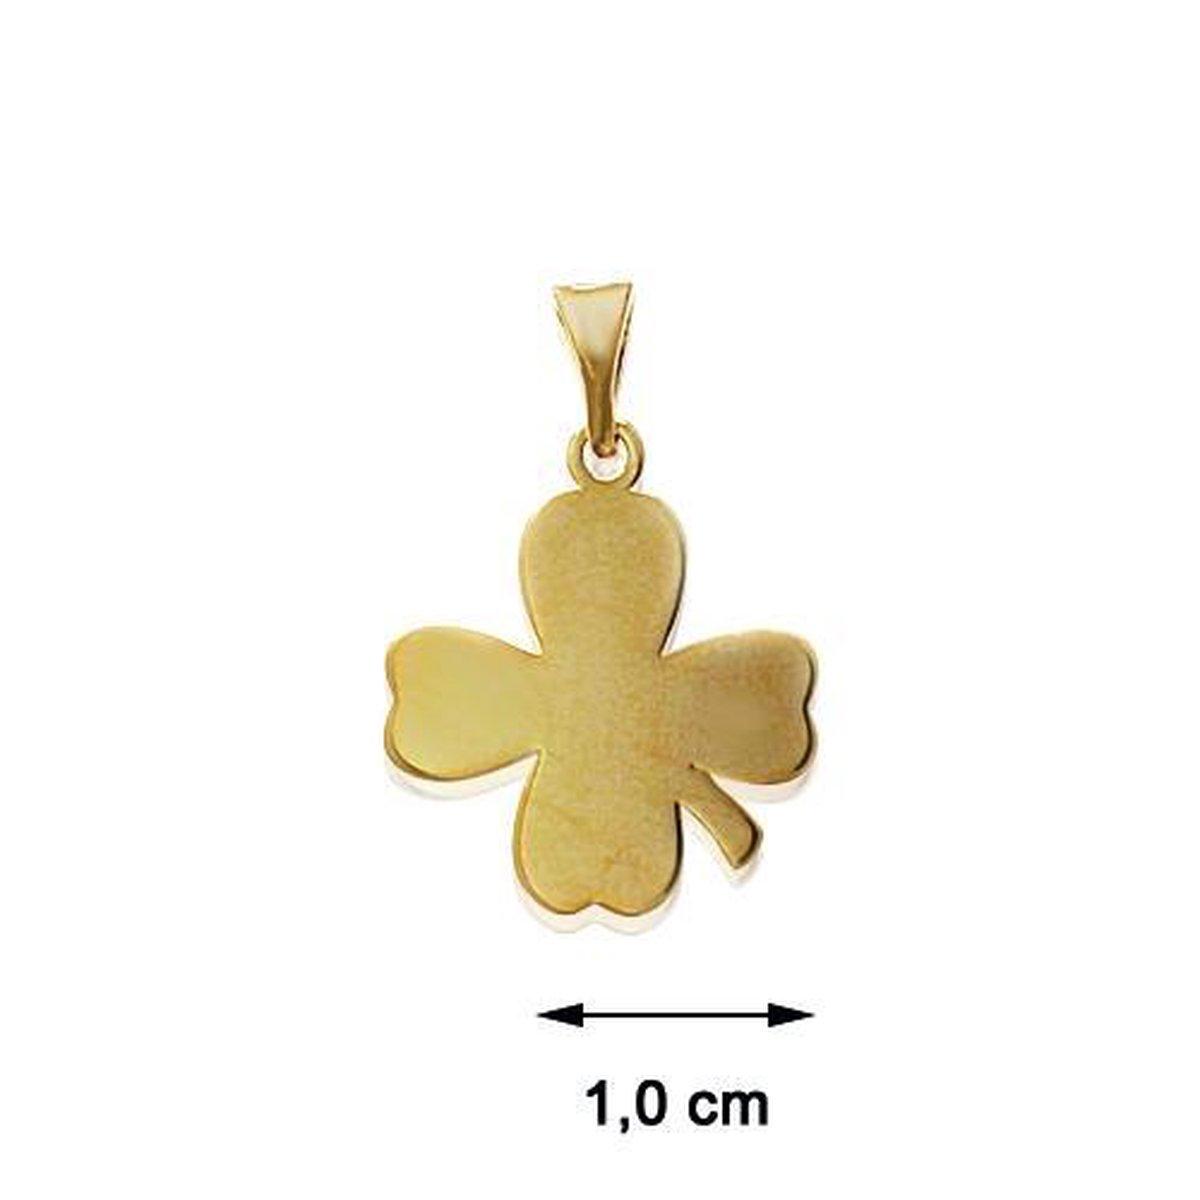 Blinx Jewels Vergulden Hanger Klaver